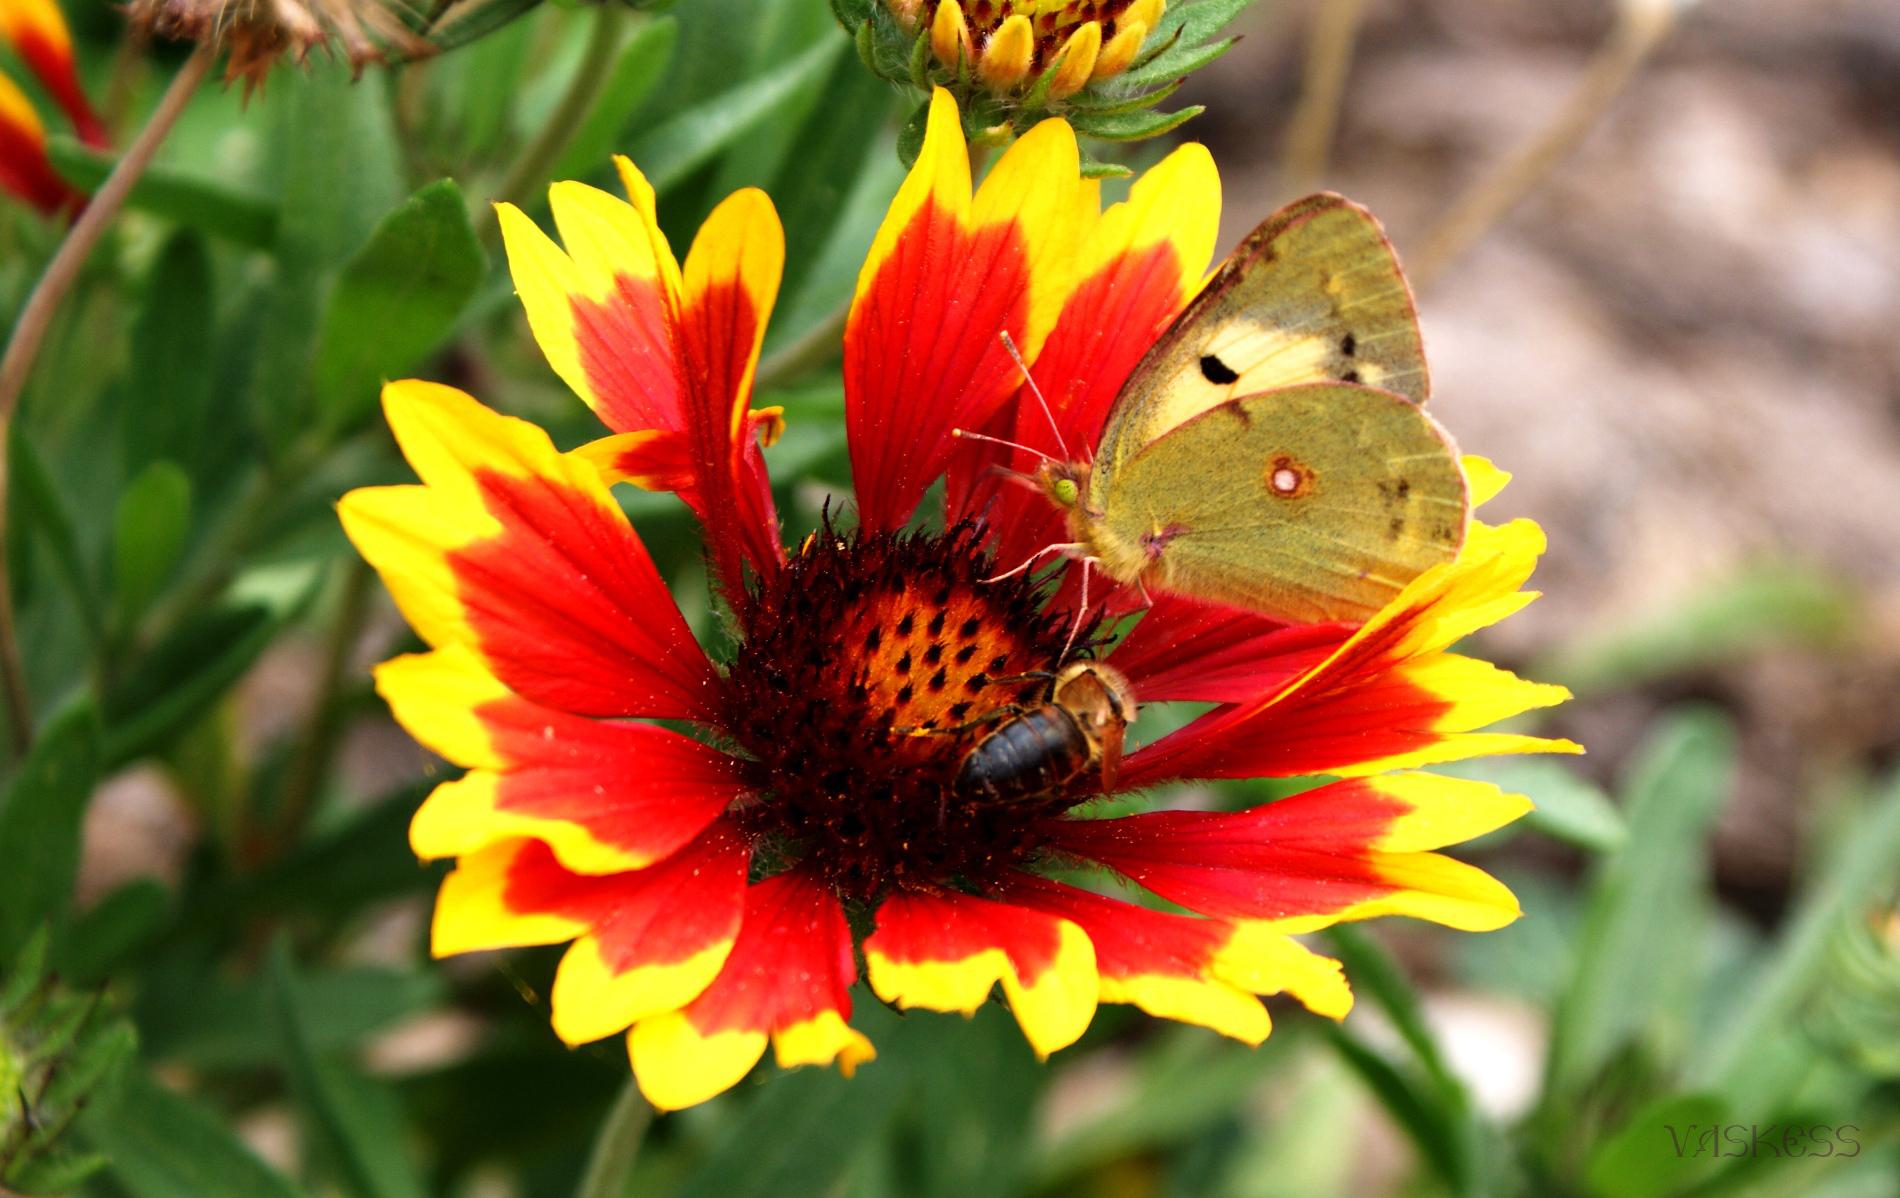 10176 descargar fondo de pantalla Plantas, Mariposas, Flores: protectores de pantalla e imágenes gratis